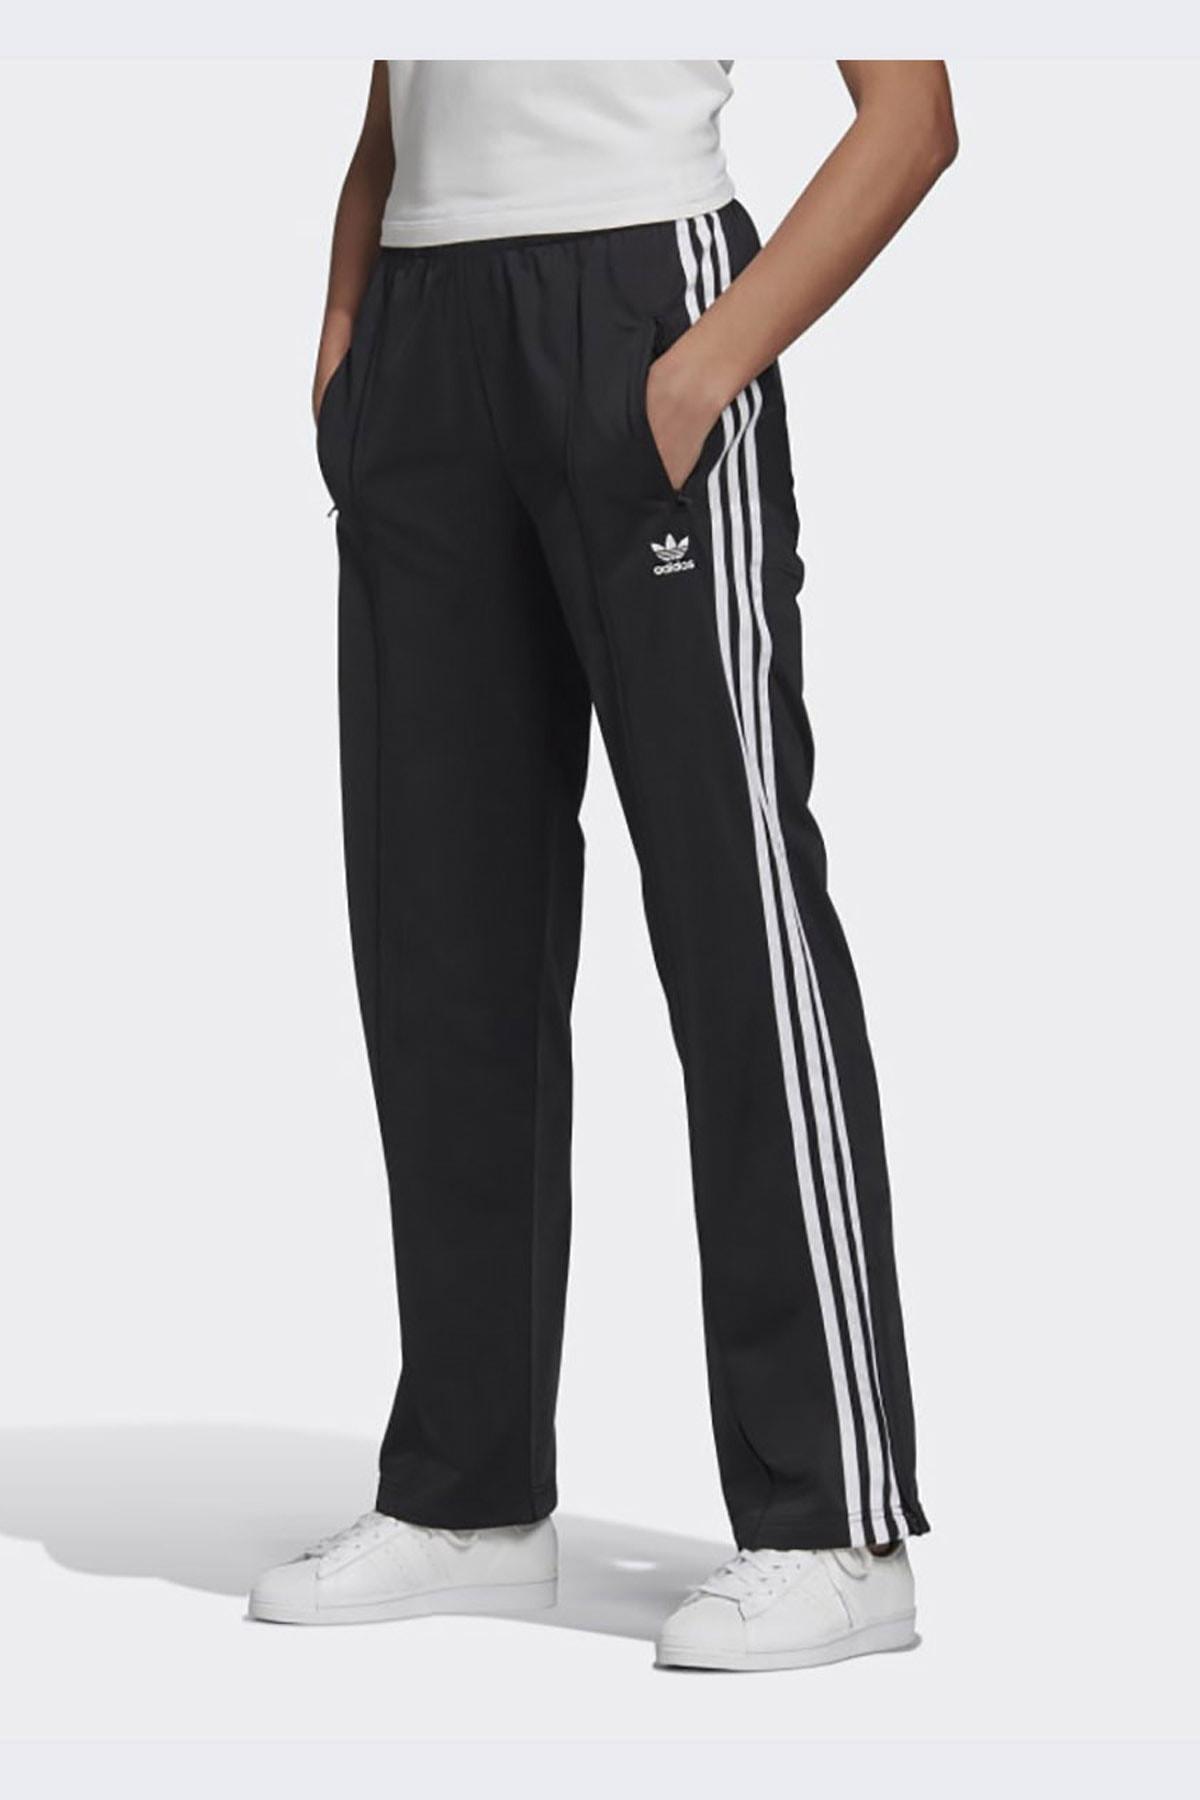 adidas Kadın Eşofman Takımı Firebird Tp Gd2370 1